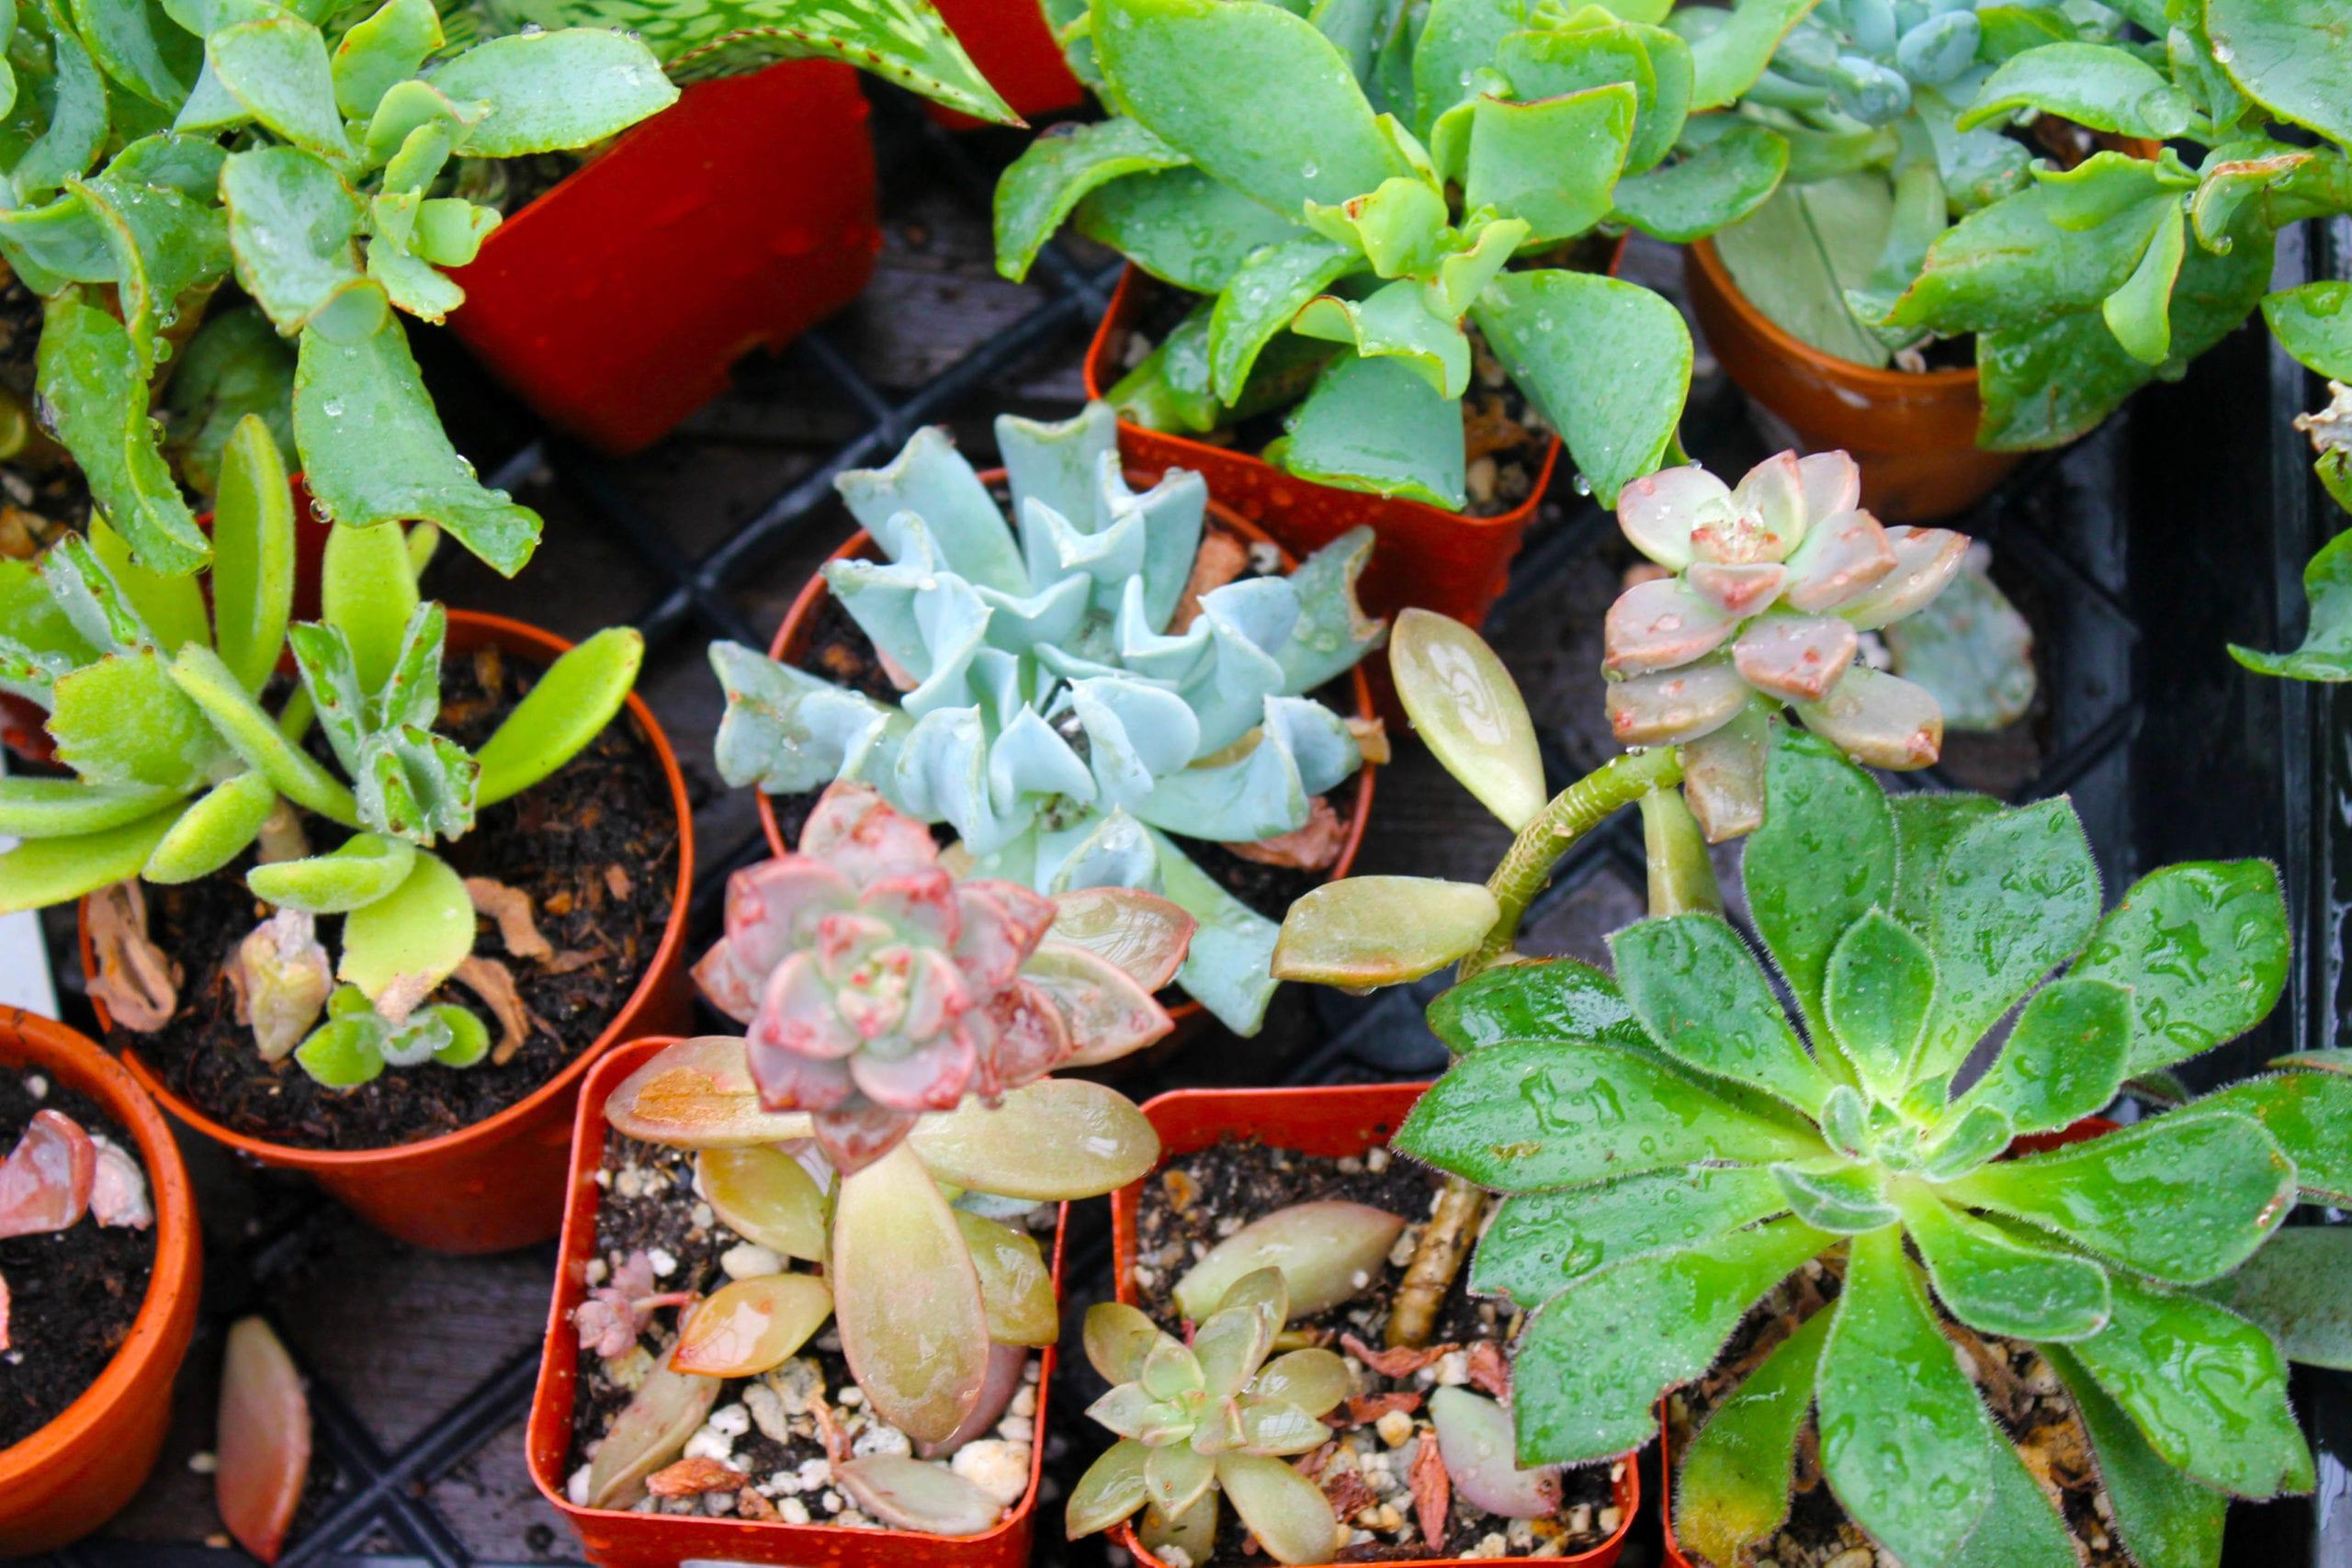 Succulent Plants at City Floral Garden Center in Denver